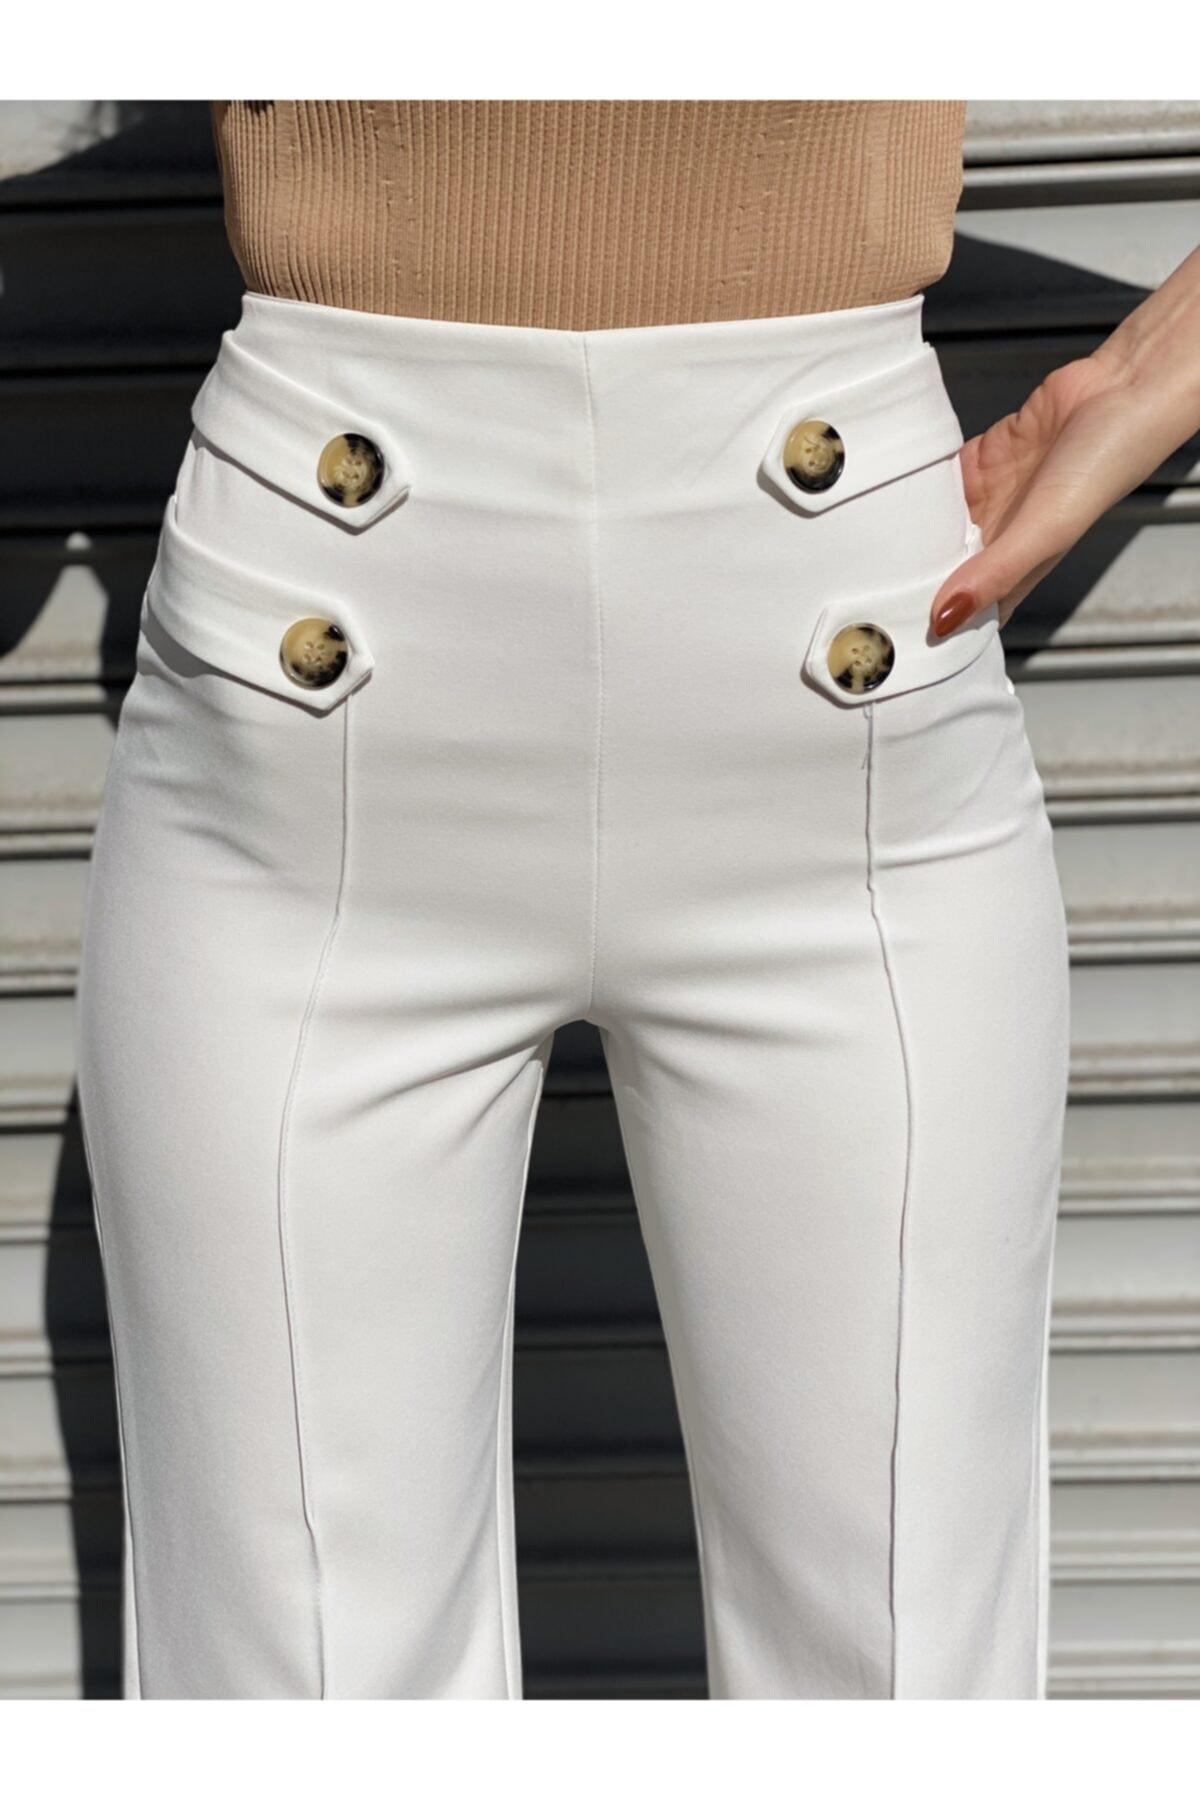 Ekocbutik Kadın Beyaz Düğmeli Kumaş Pantolonu 2